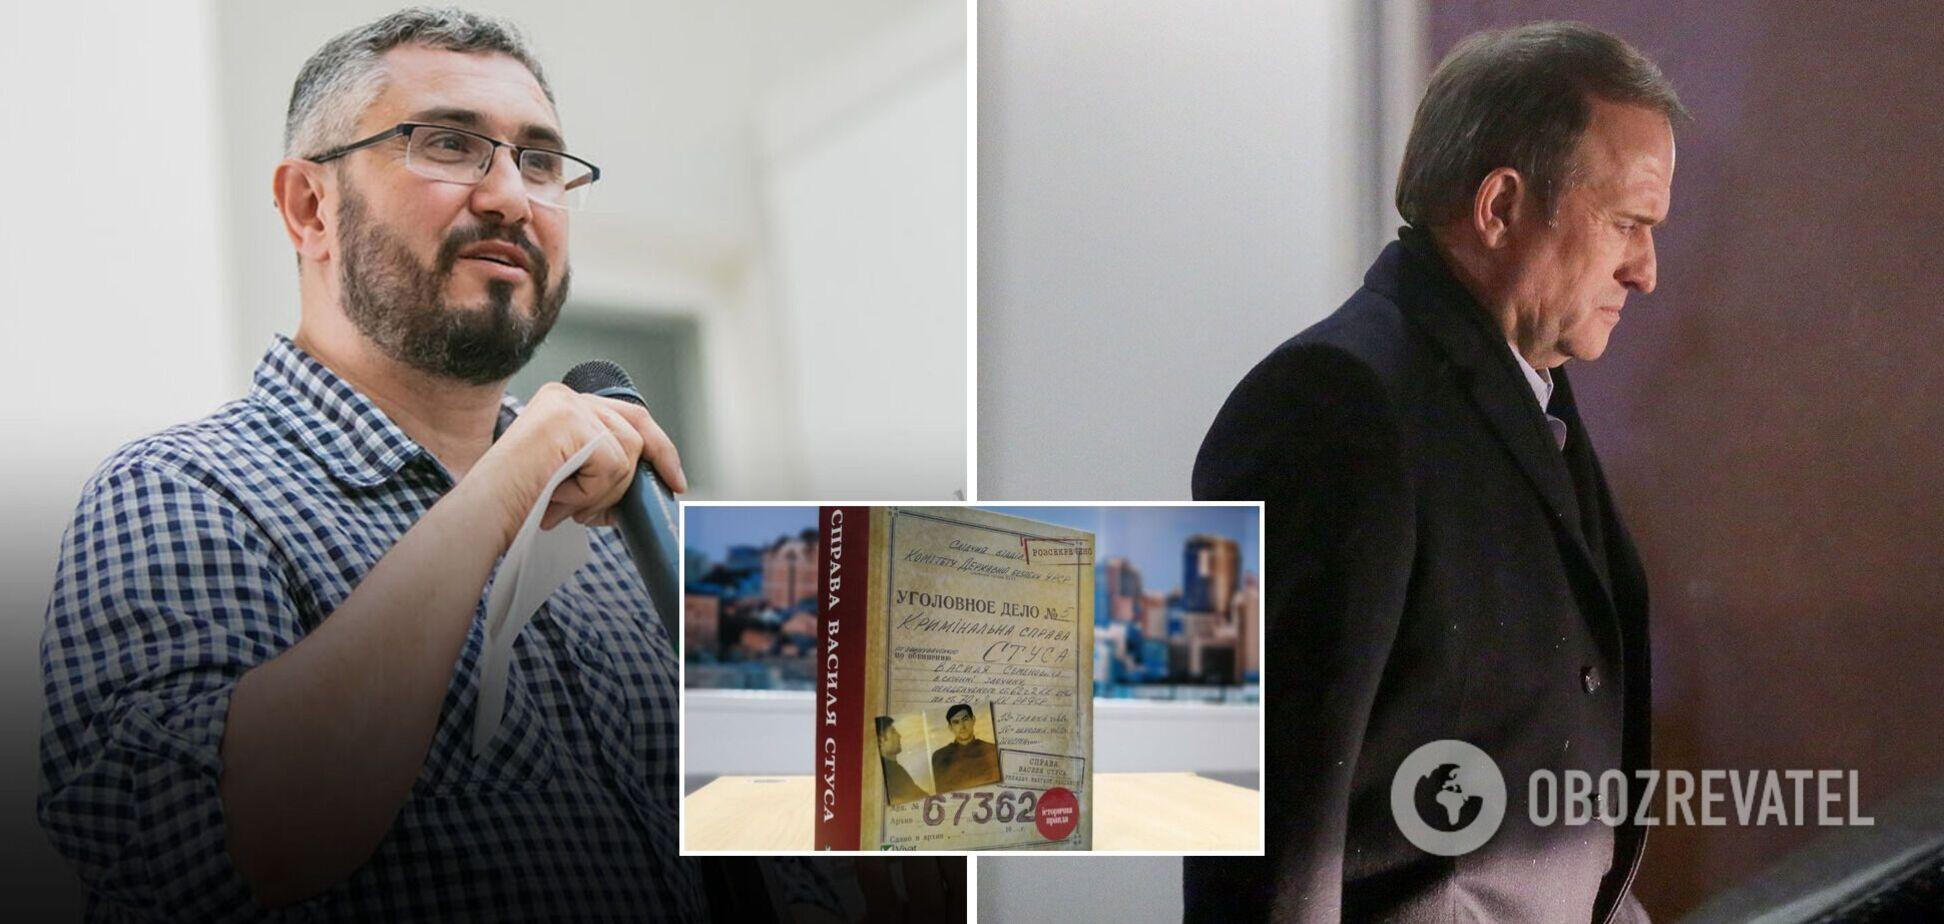 Кипиани выиграл суд против Медведчука в деле по запрету книги о Стусе